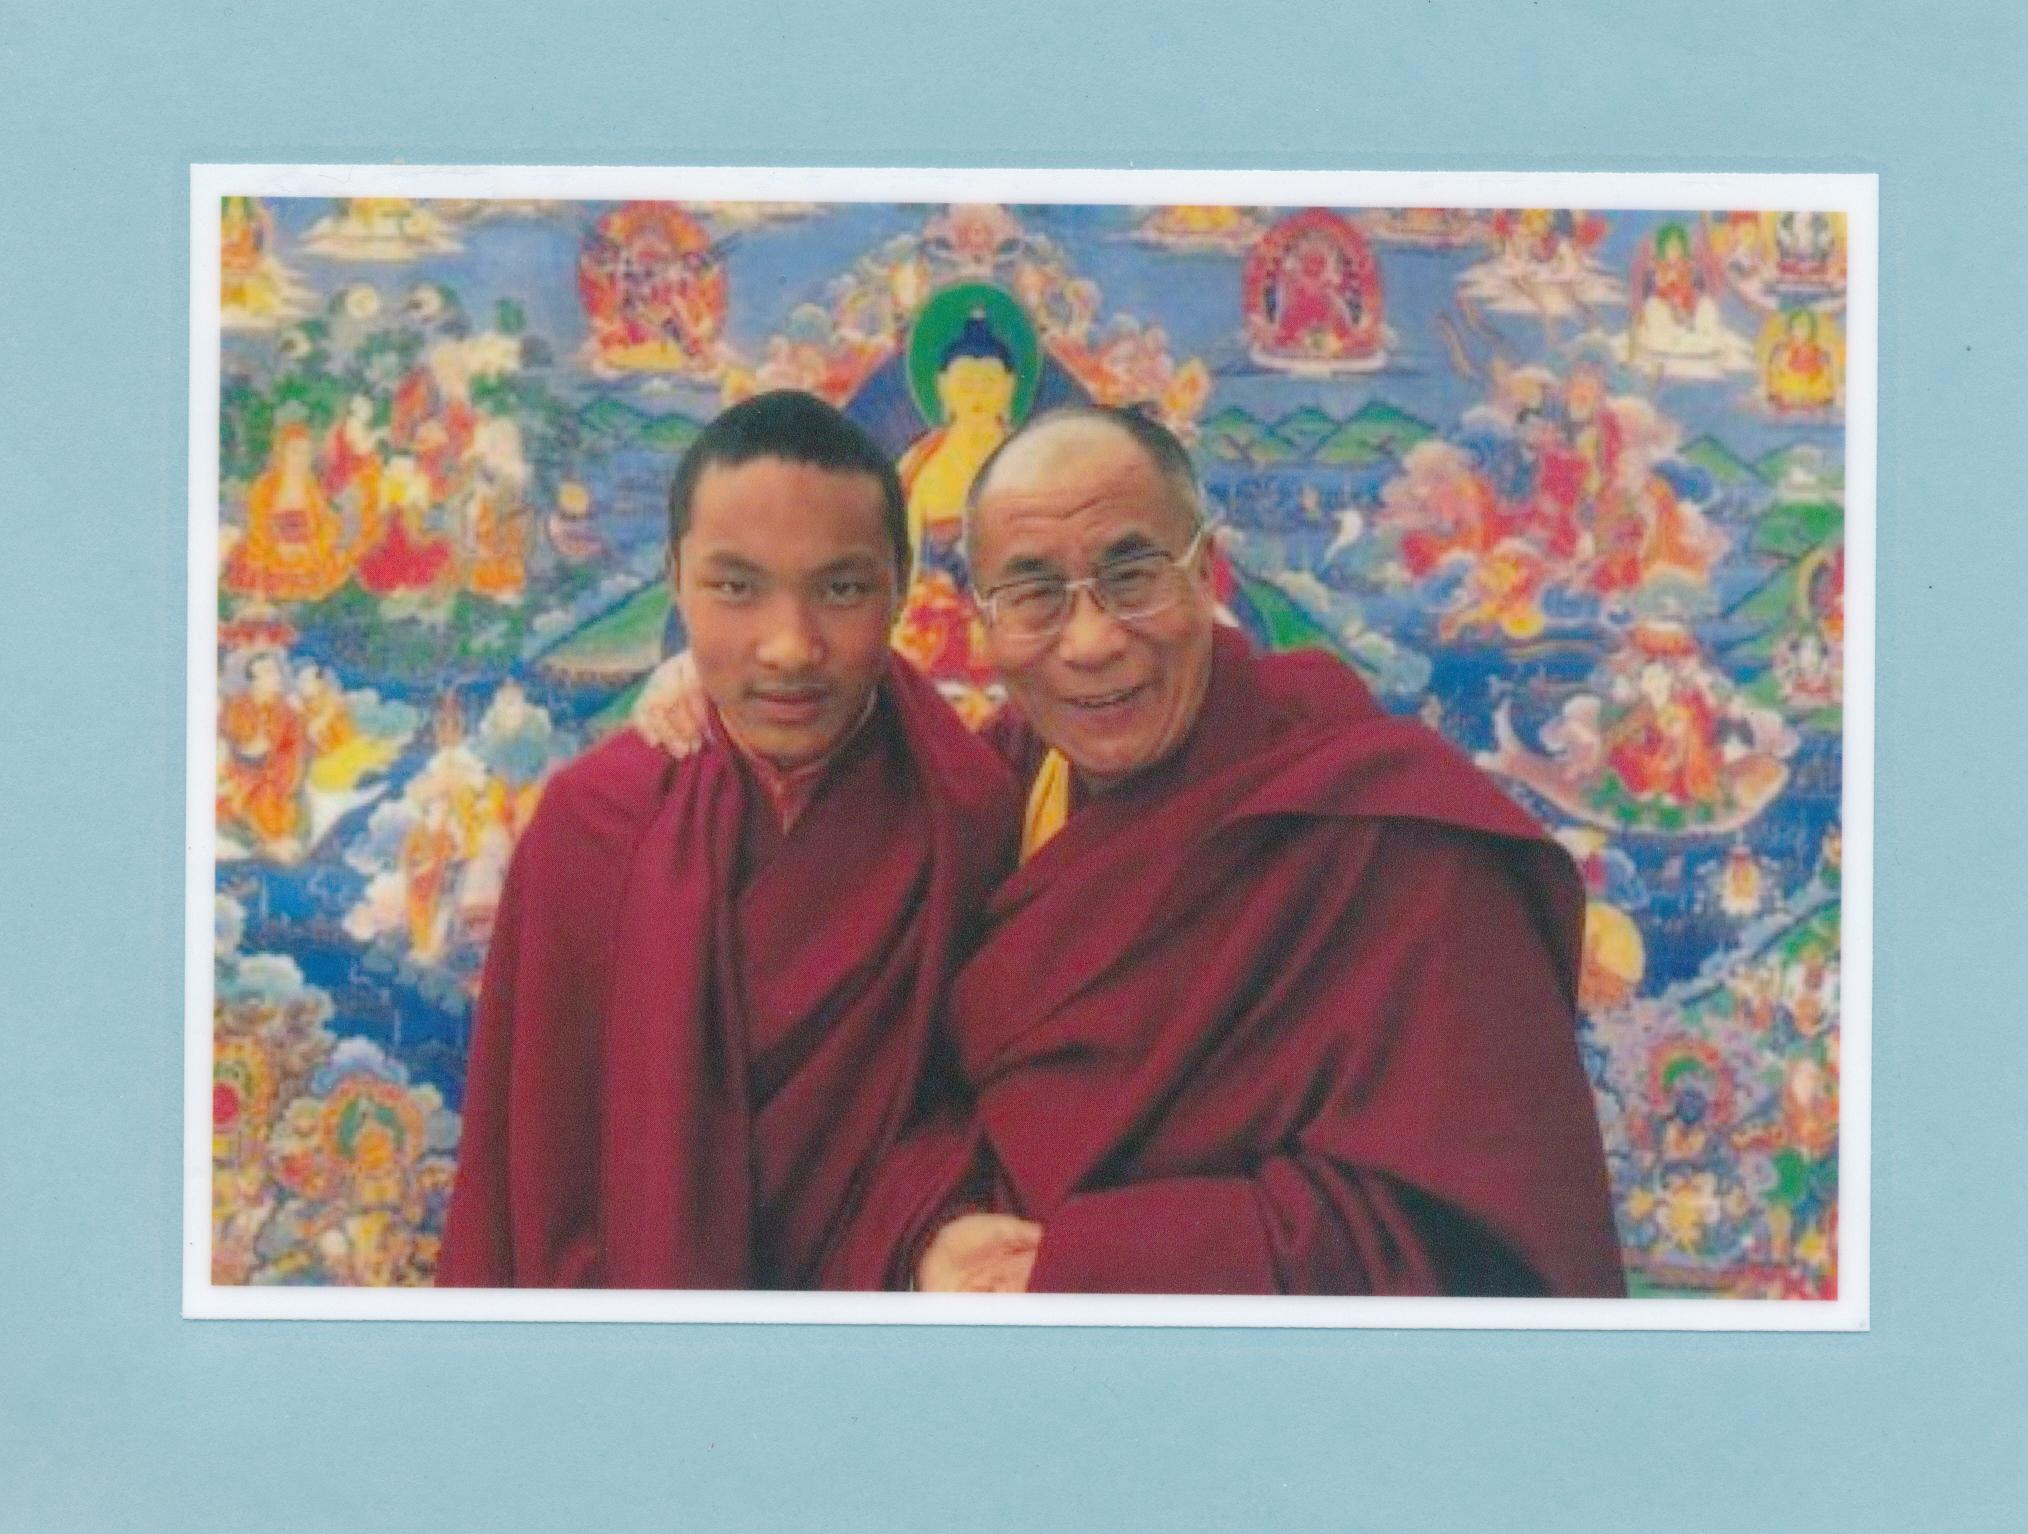 14th Dalai Lama, Tenzin Gyatso with HH Karmapa, Ogyen Trinley Dorje